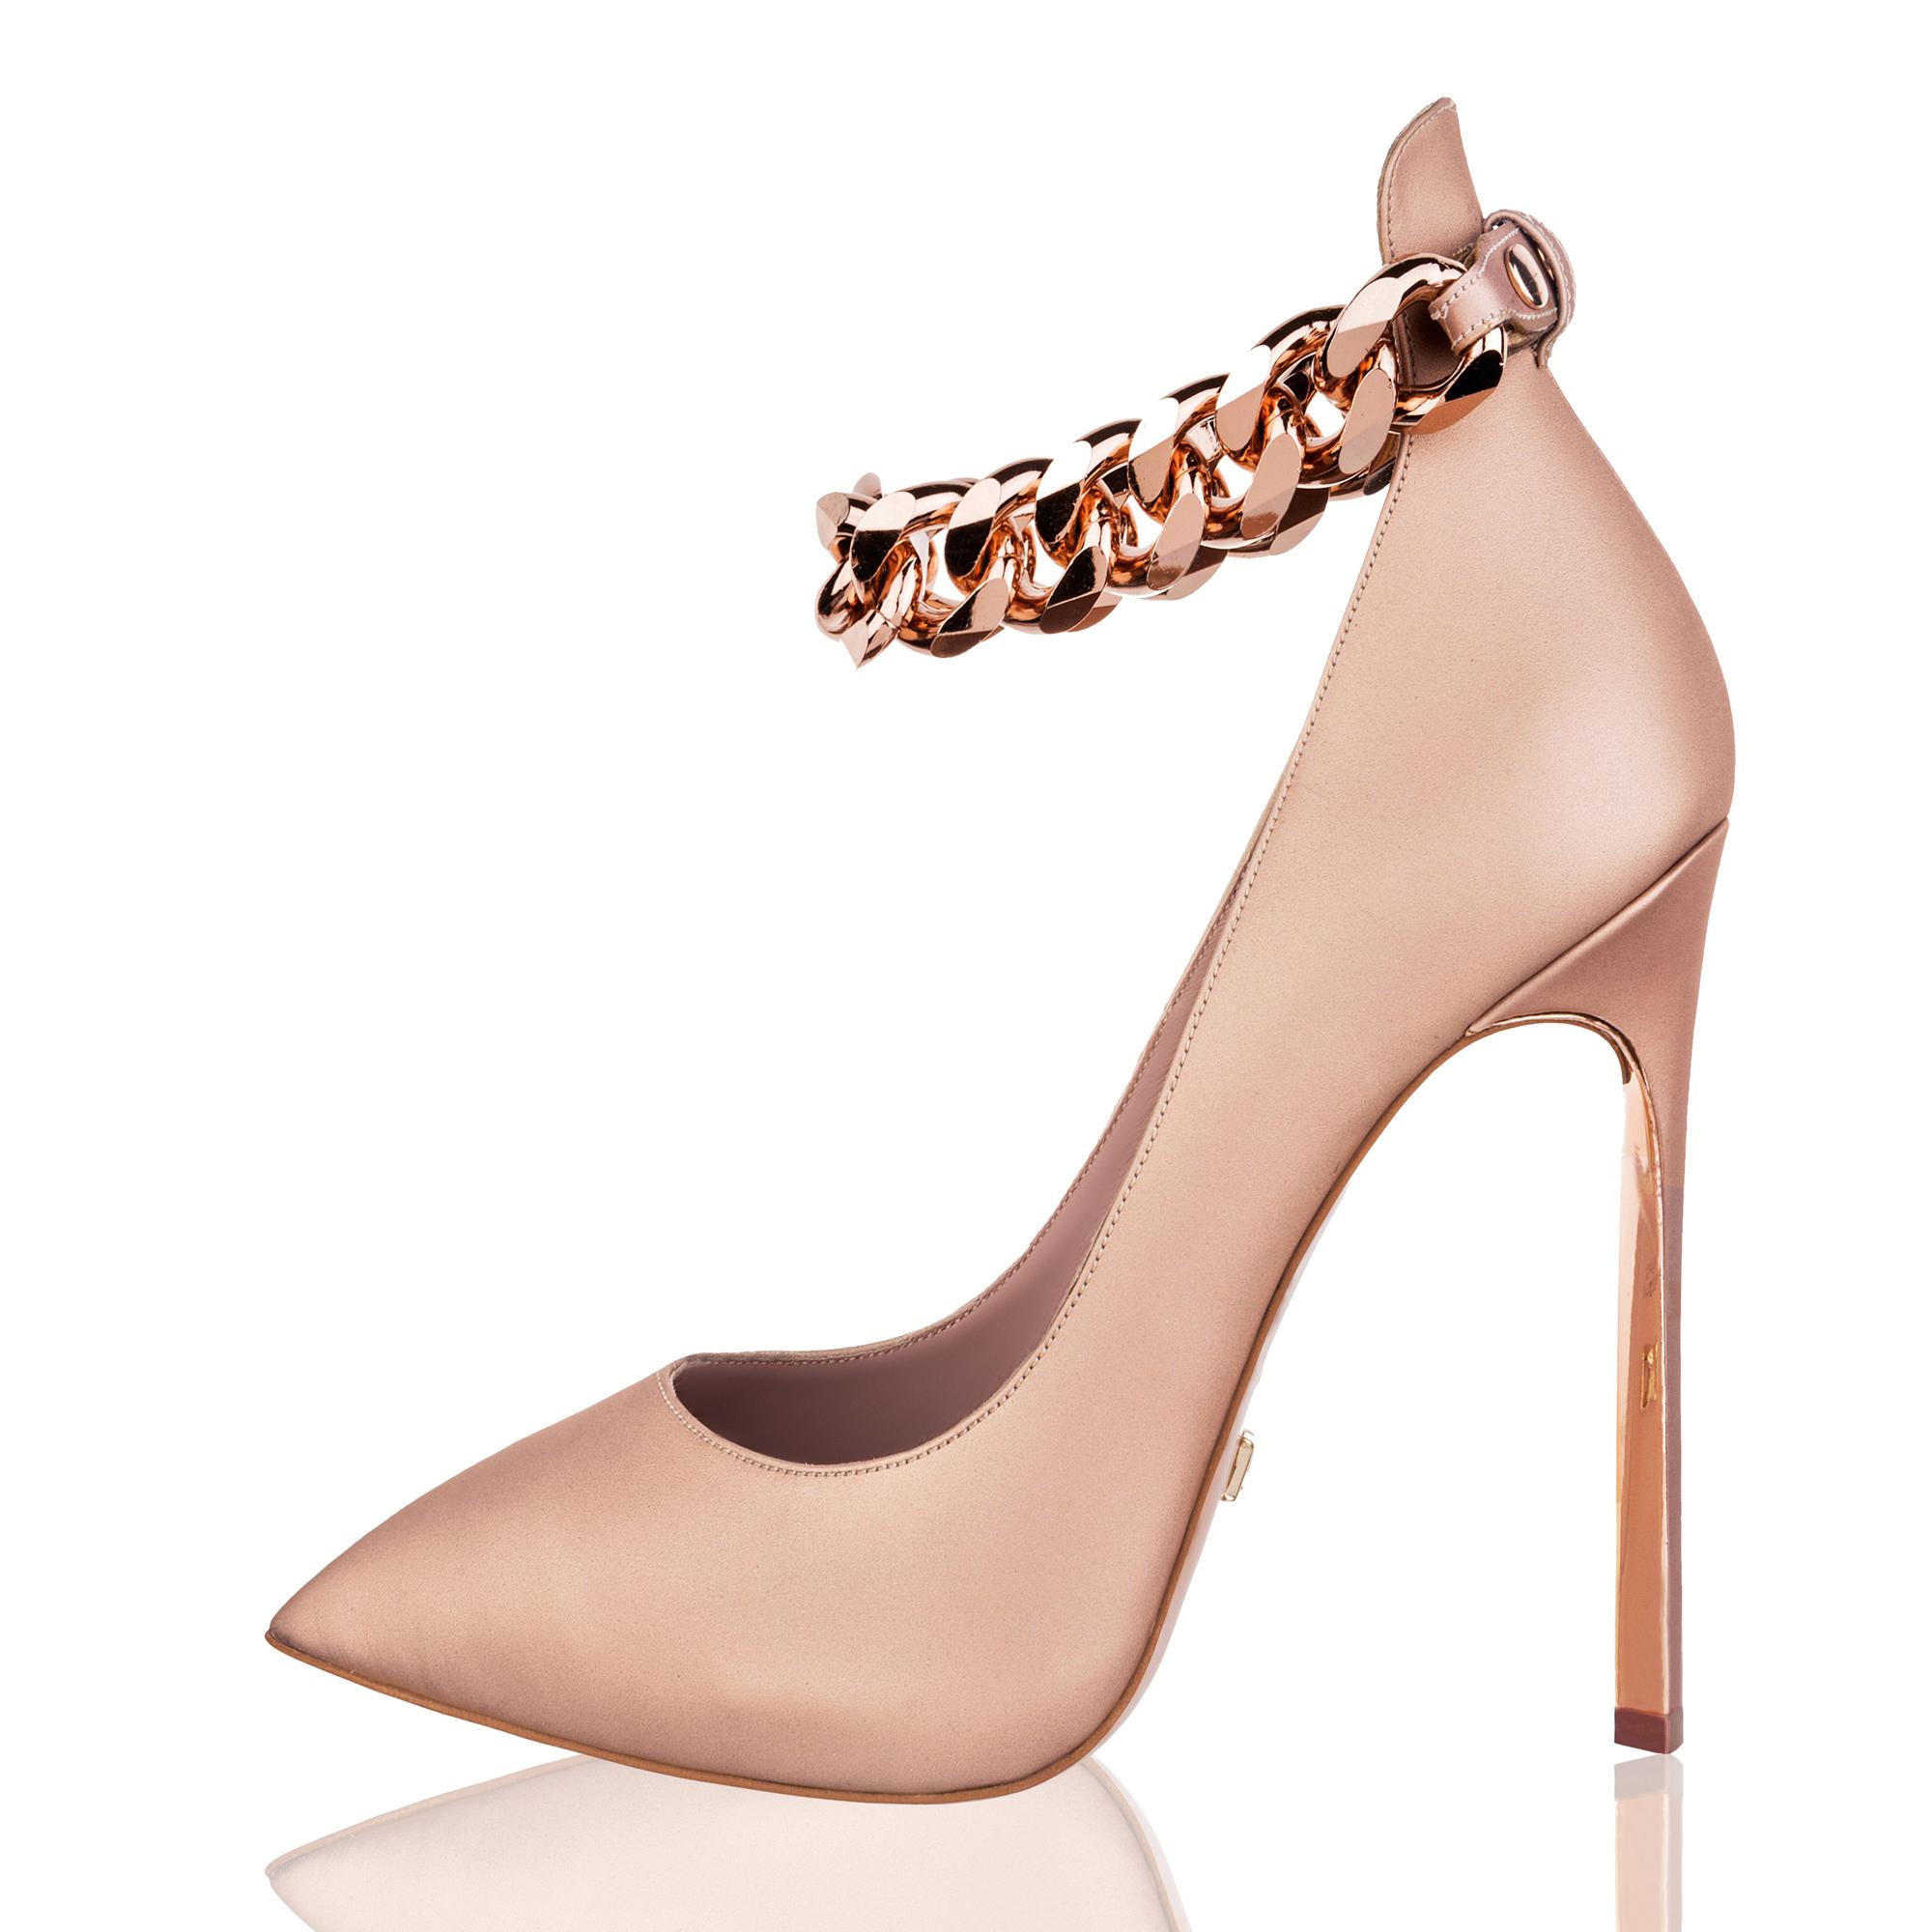 71146b7c3d0 Official DUKAS Online Boutique - Luxury Shoes